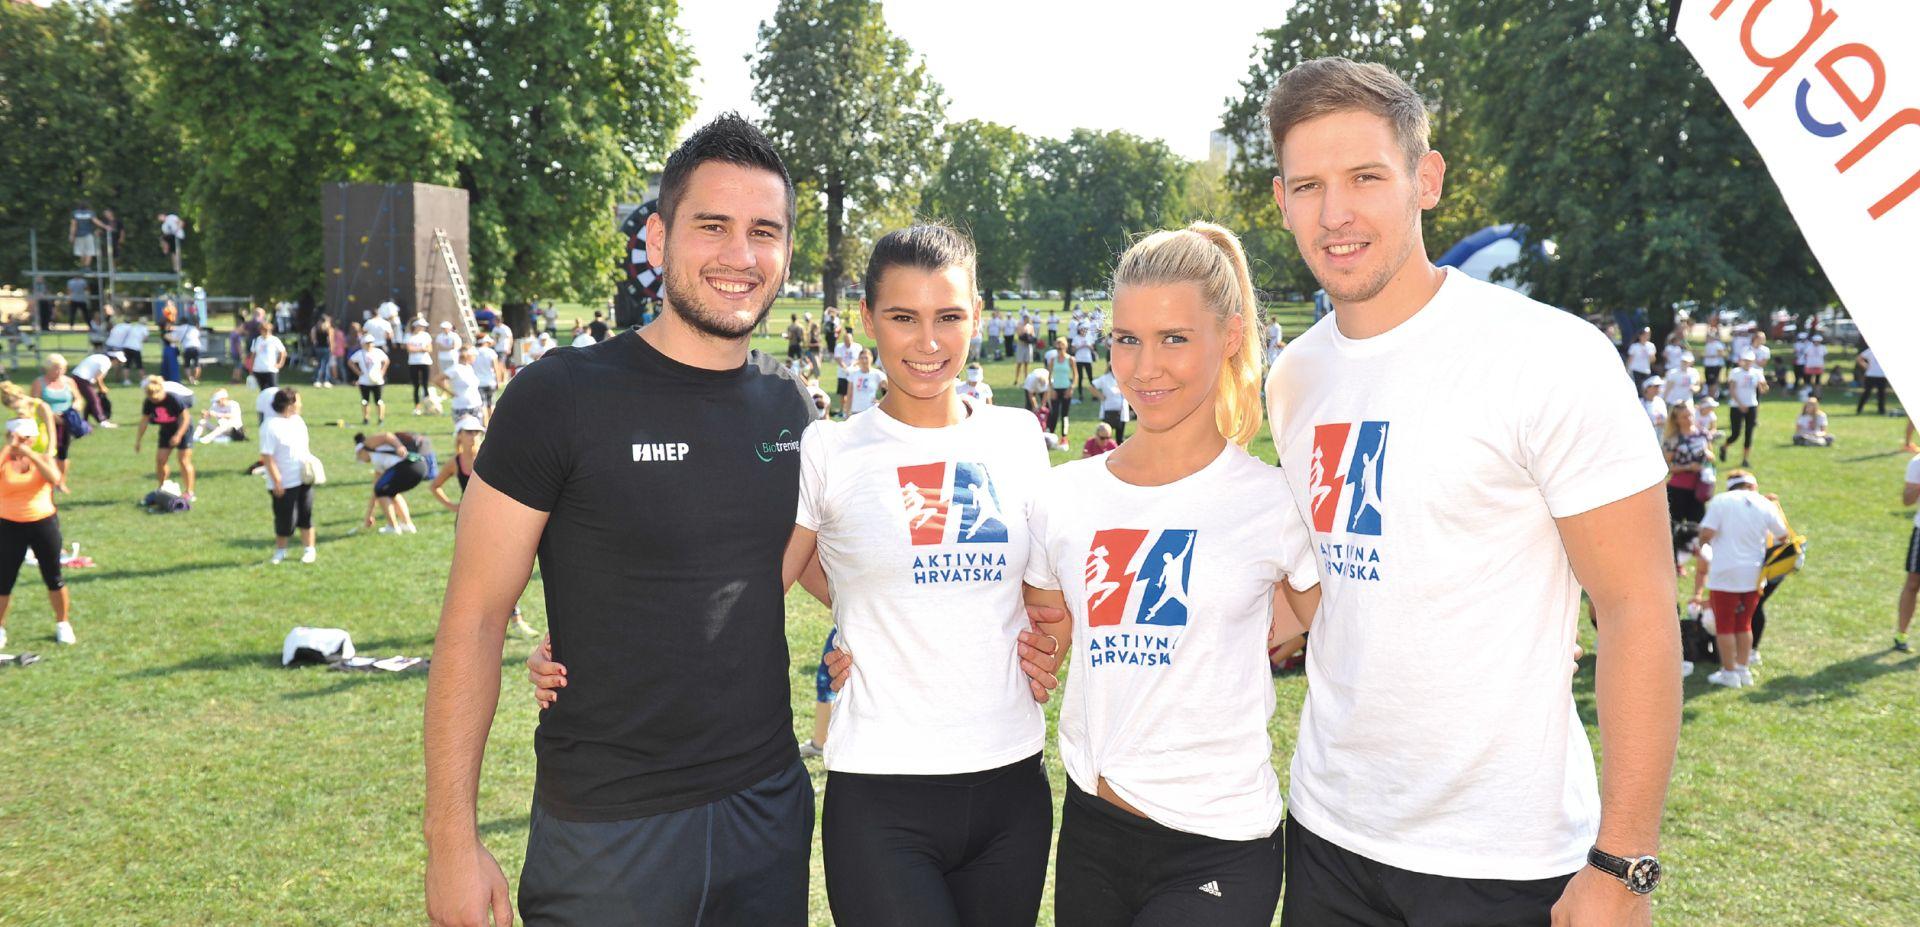 Kako je 25 tisuća hrvatskih građana počelo vježbati kroz projekt 'Aktivna Hrvatska'